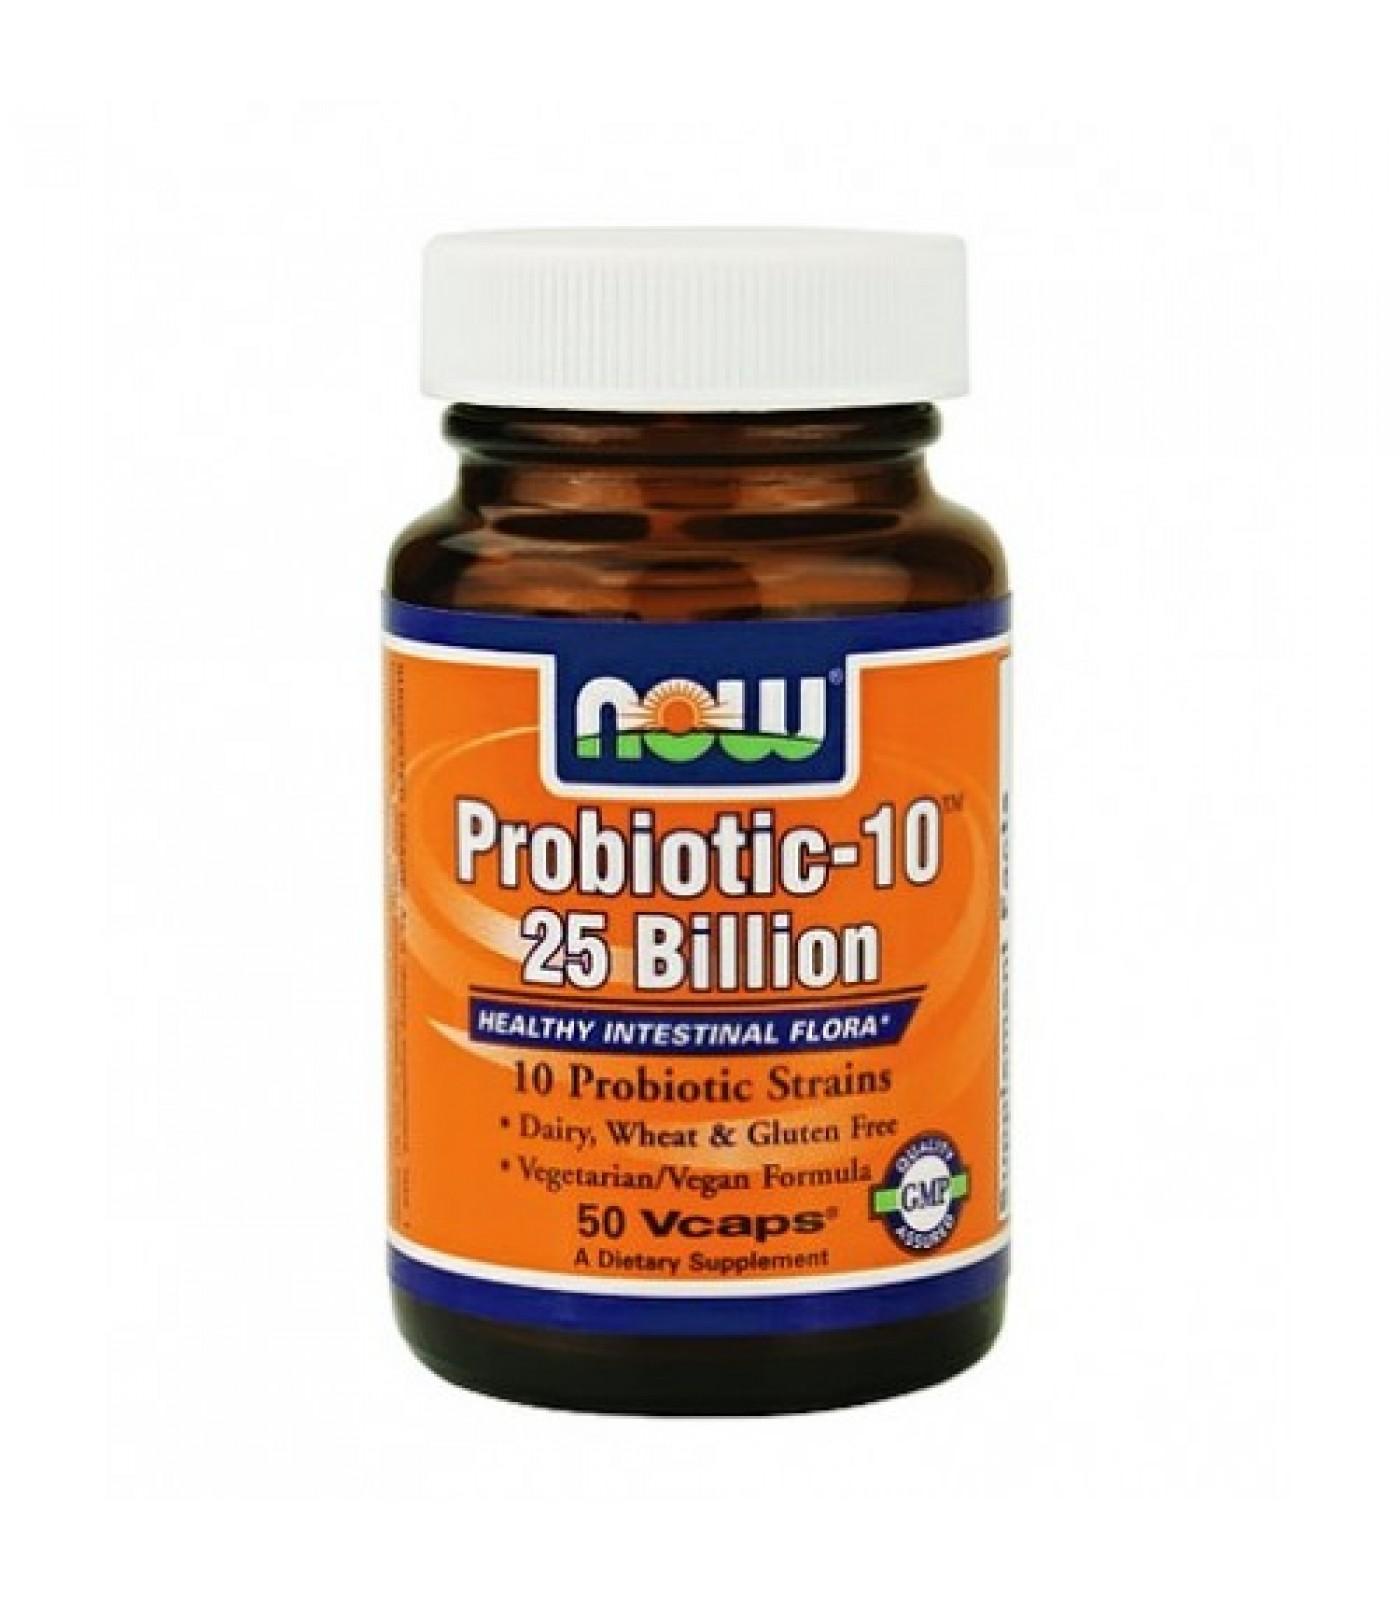 NOW - Probiotic-10 ™ (25 Billion) / 100 VCaps.